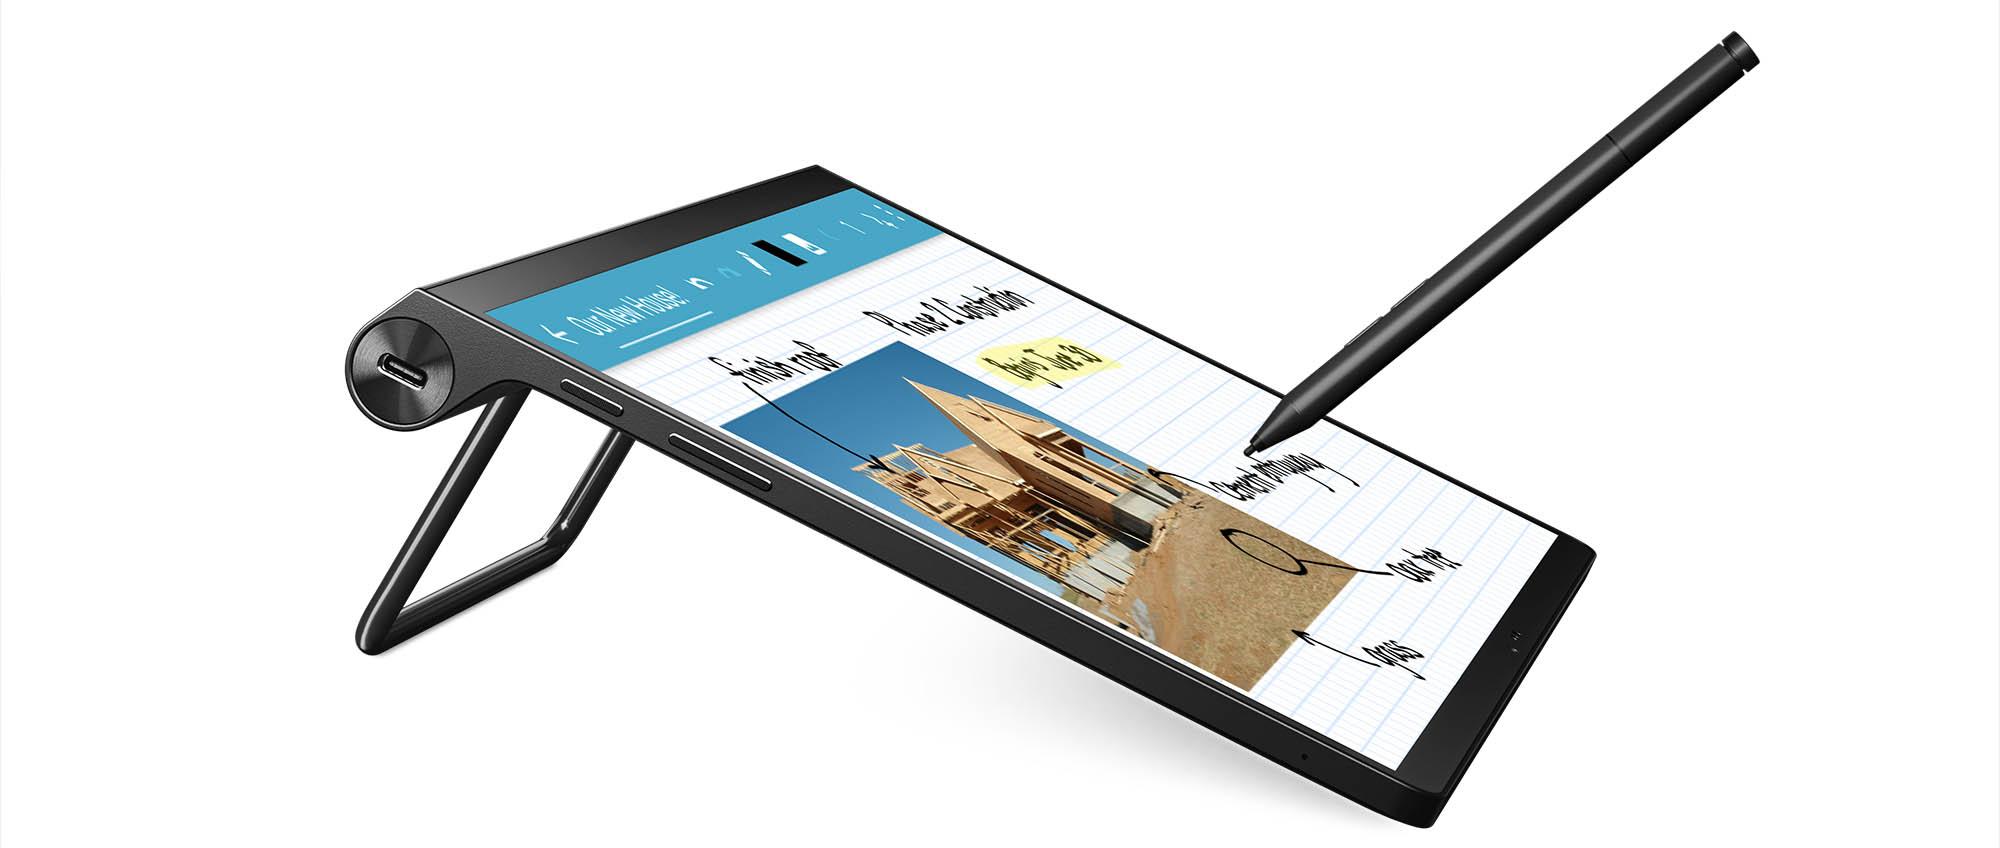 Lenovo Yoga Tab 13_Tilt Mode_with Pen